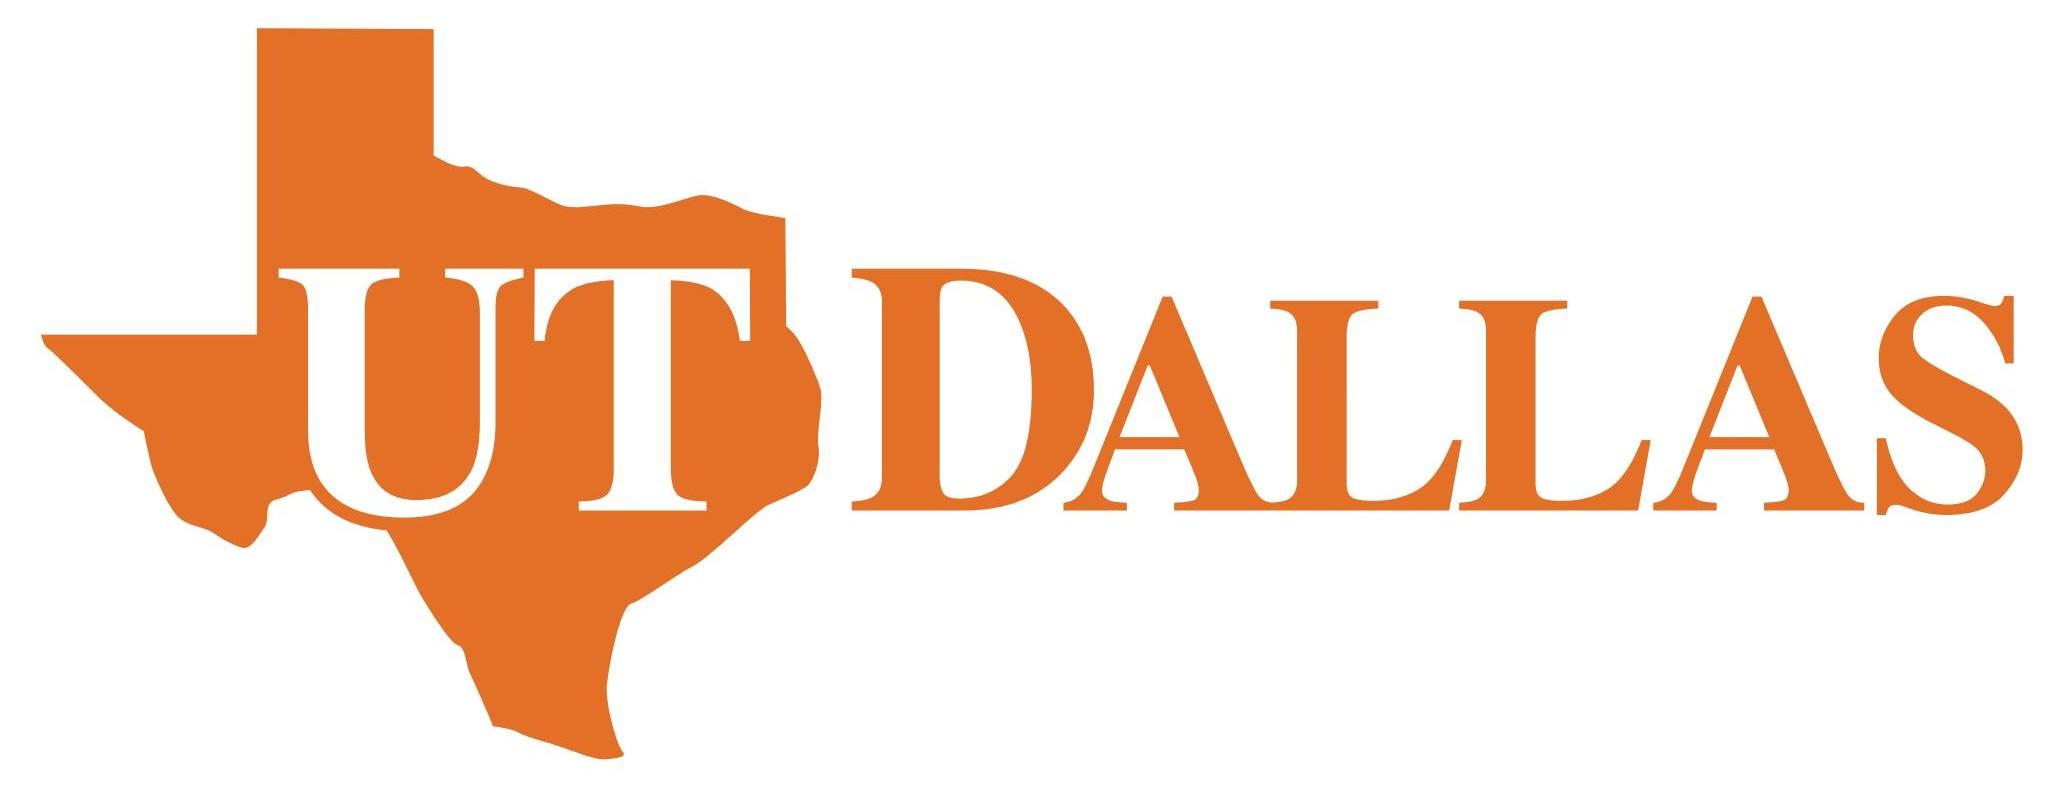 ut-dallas-logo.jpg